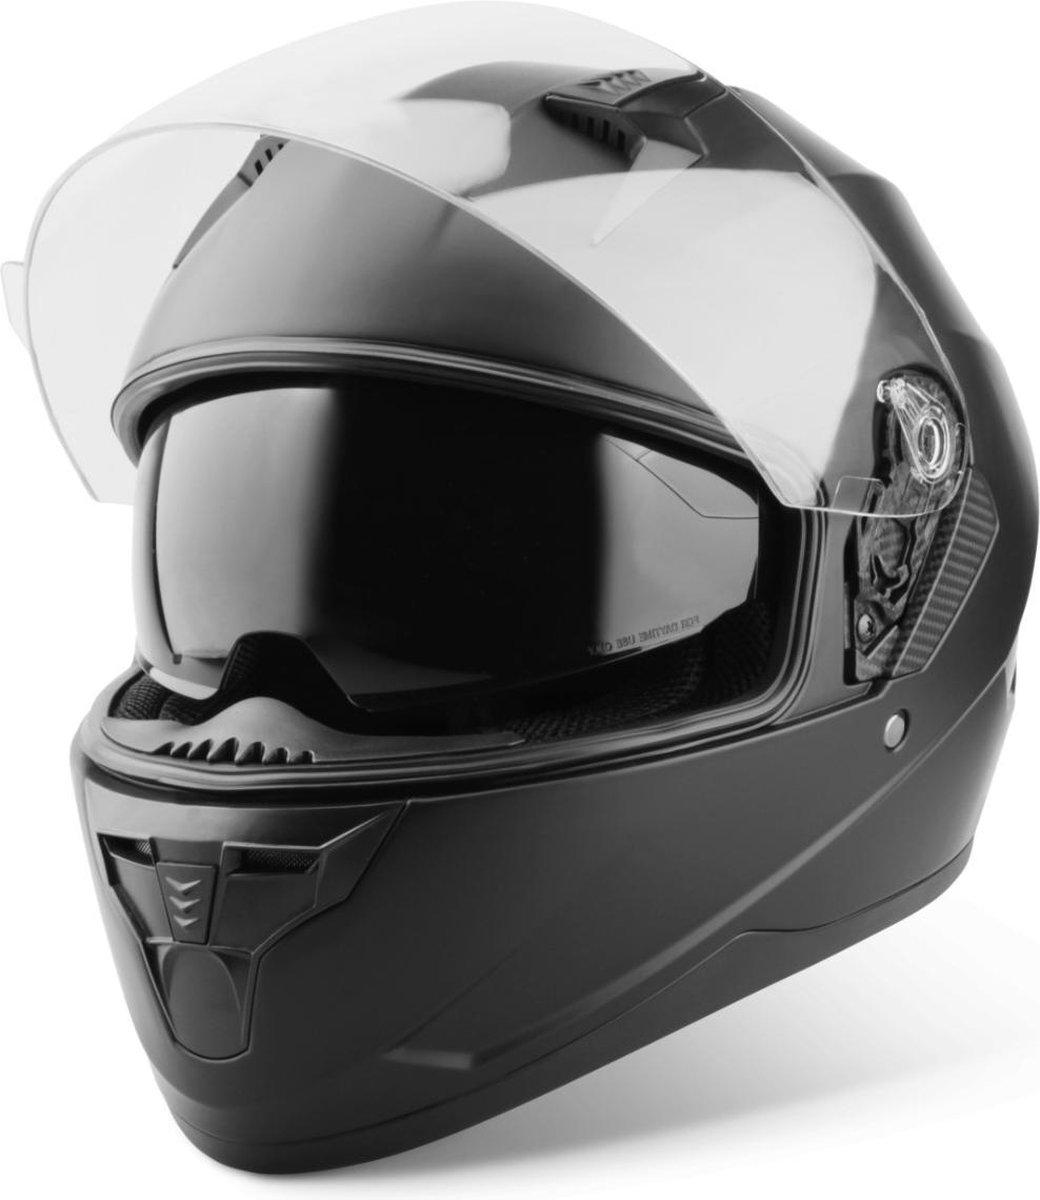 Vinz Kennet Integraalhelm met Zonnevizier / Motorhelm / Scooter helm / Brommerhelm   Mat Zwart